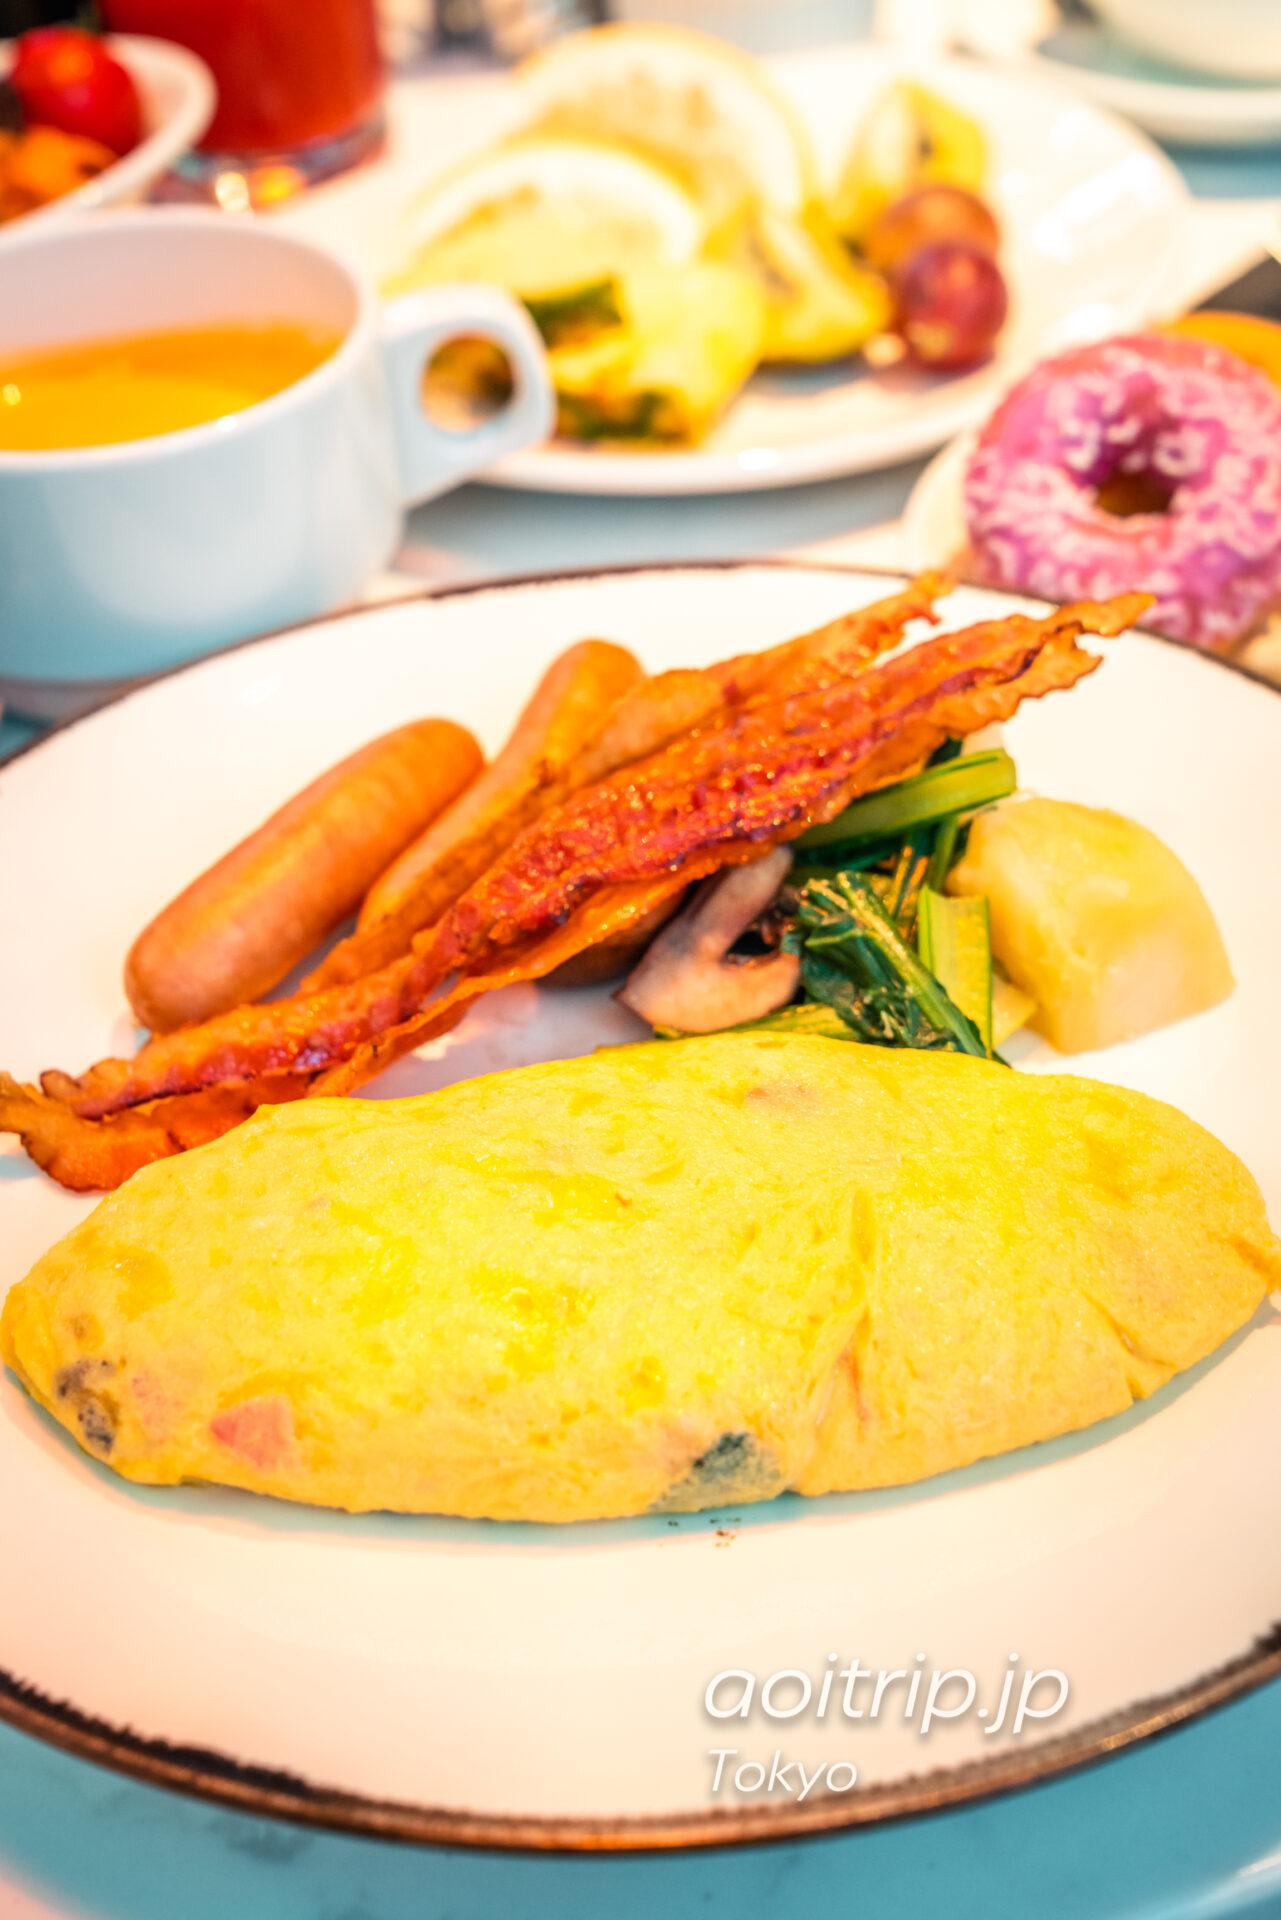 アロフト東京銀座 洋朝食のオムレツ